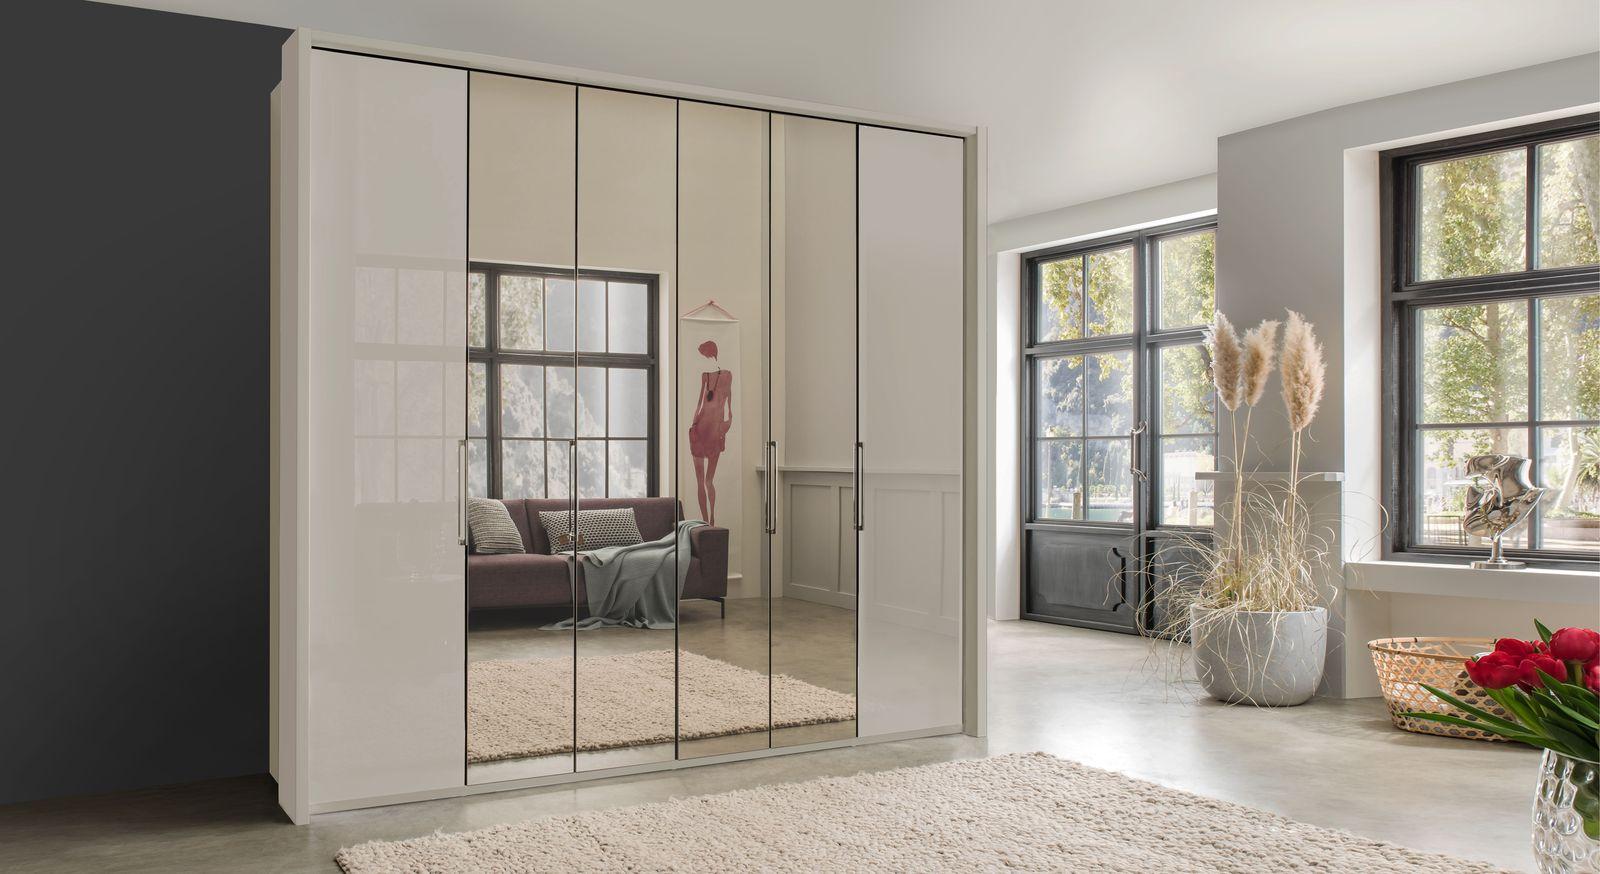 Spiegel-Falttüren-Kleiderschrank Northville aus champagnerfarbenem Glas